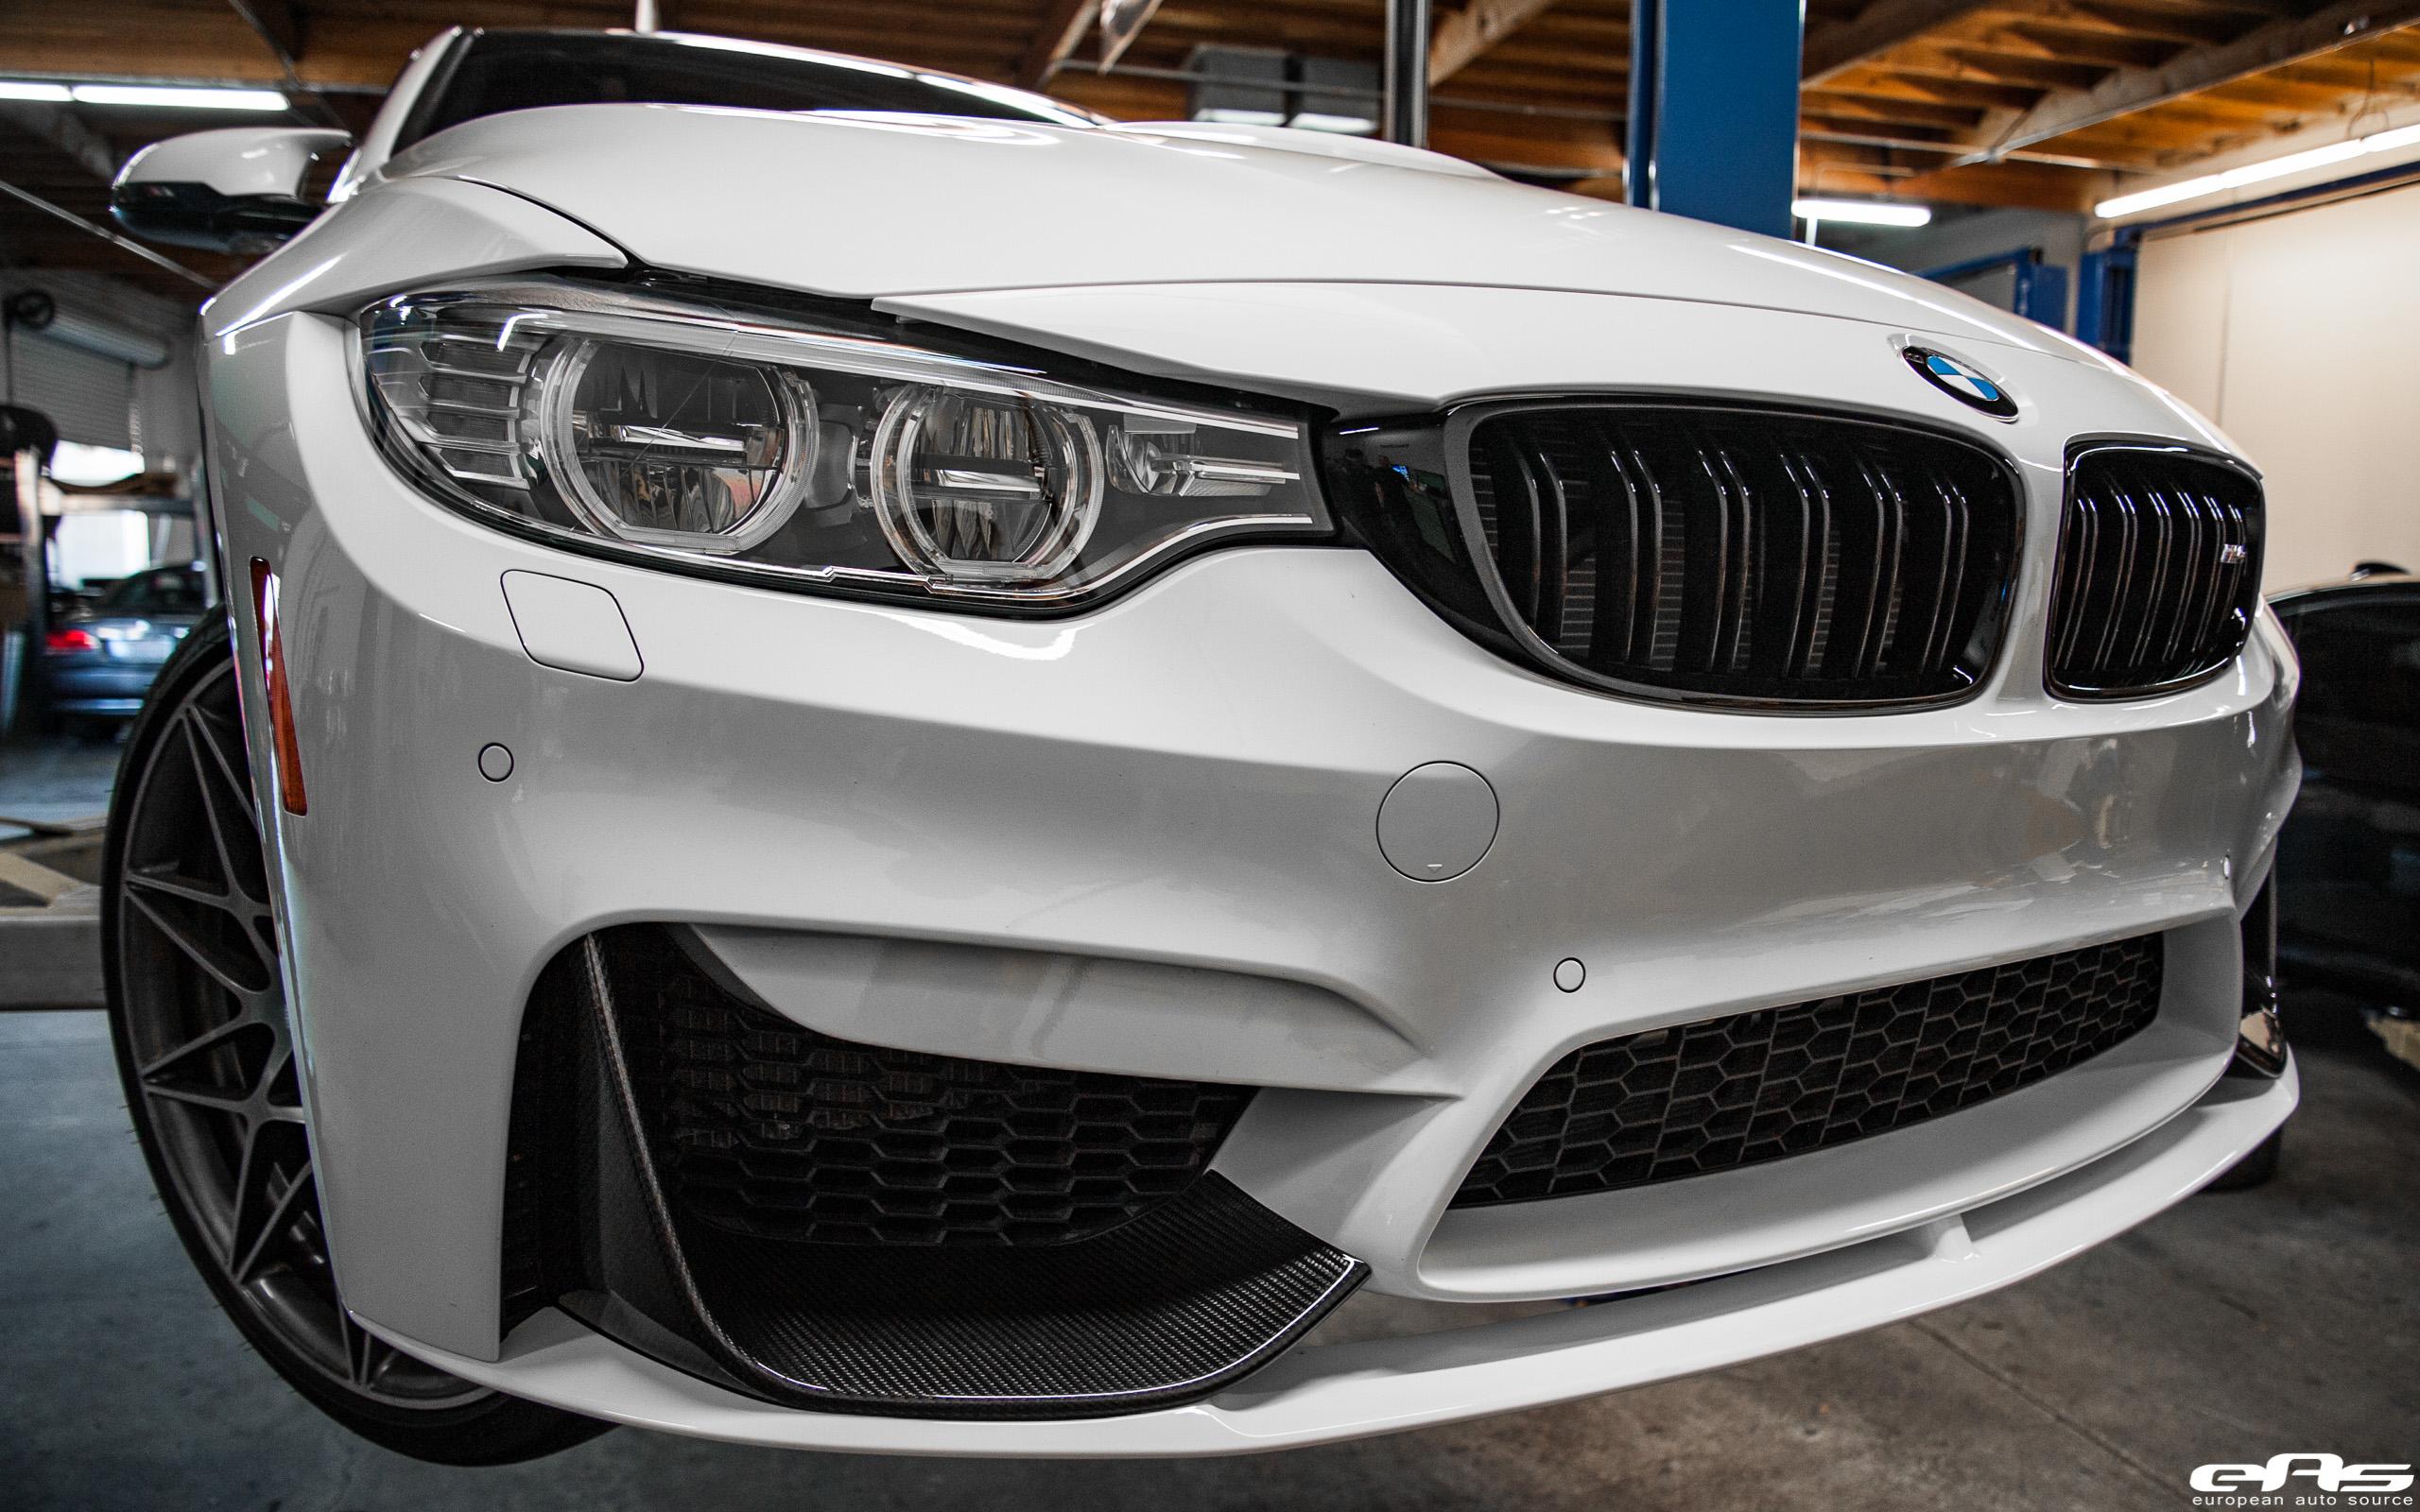 ec7a6d39c49 Alpine White F82 M4 Competition - M Performance Carbon Fiber Front Splitters